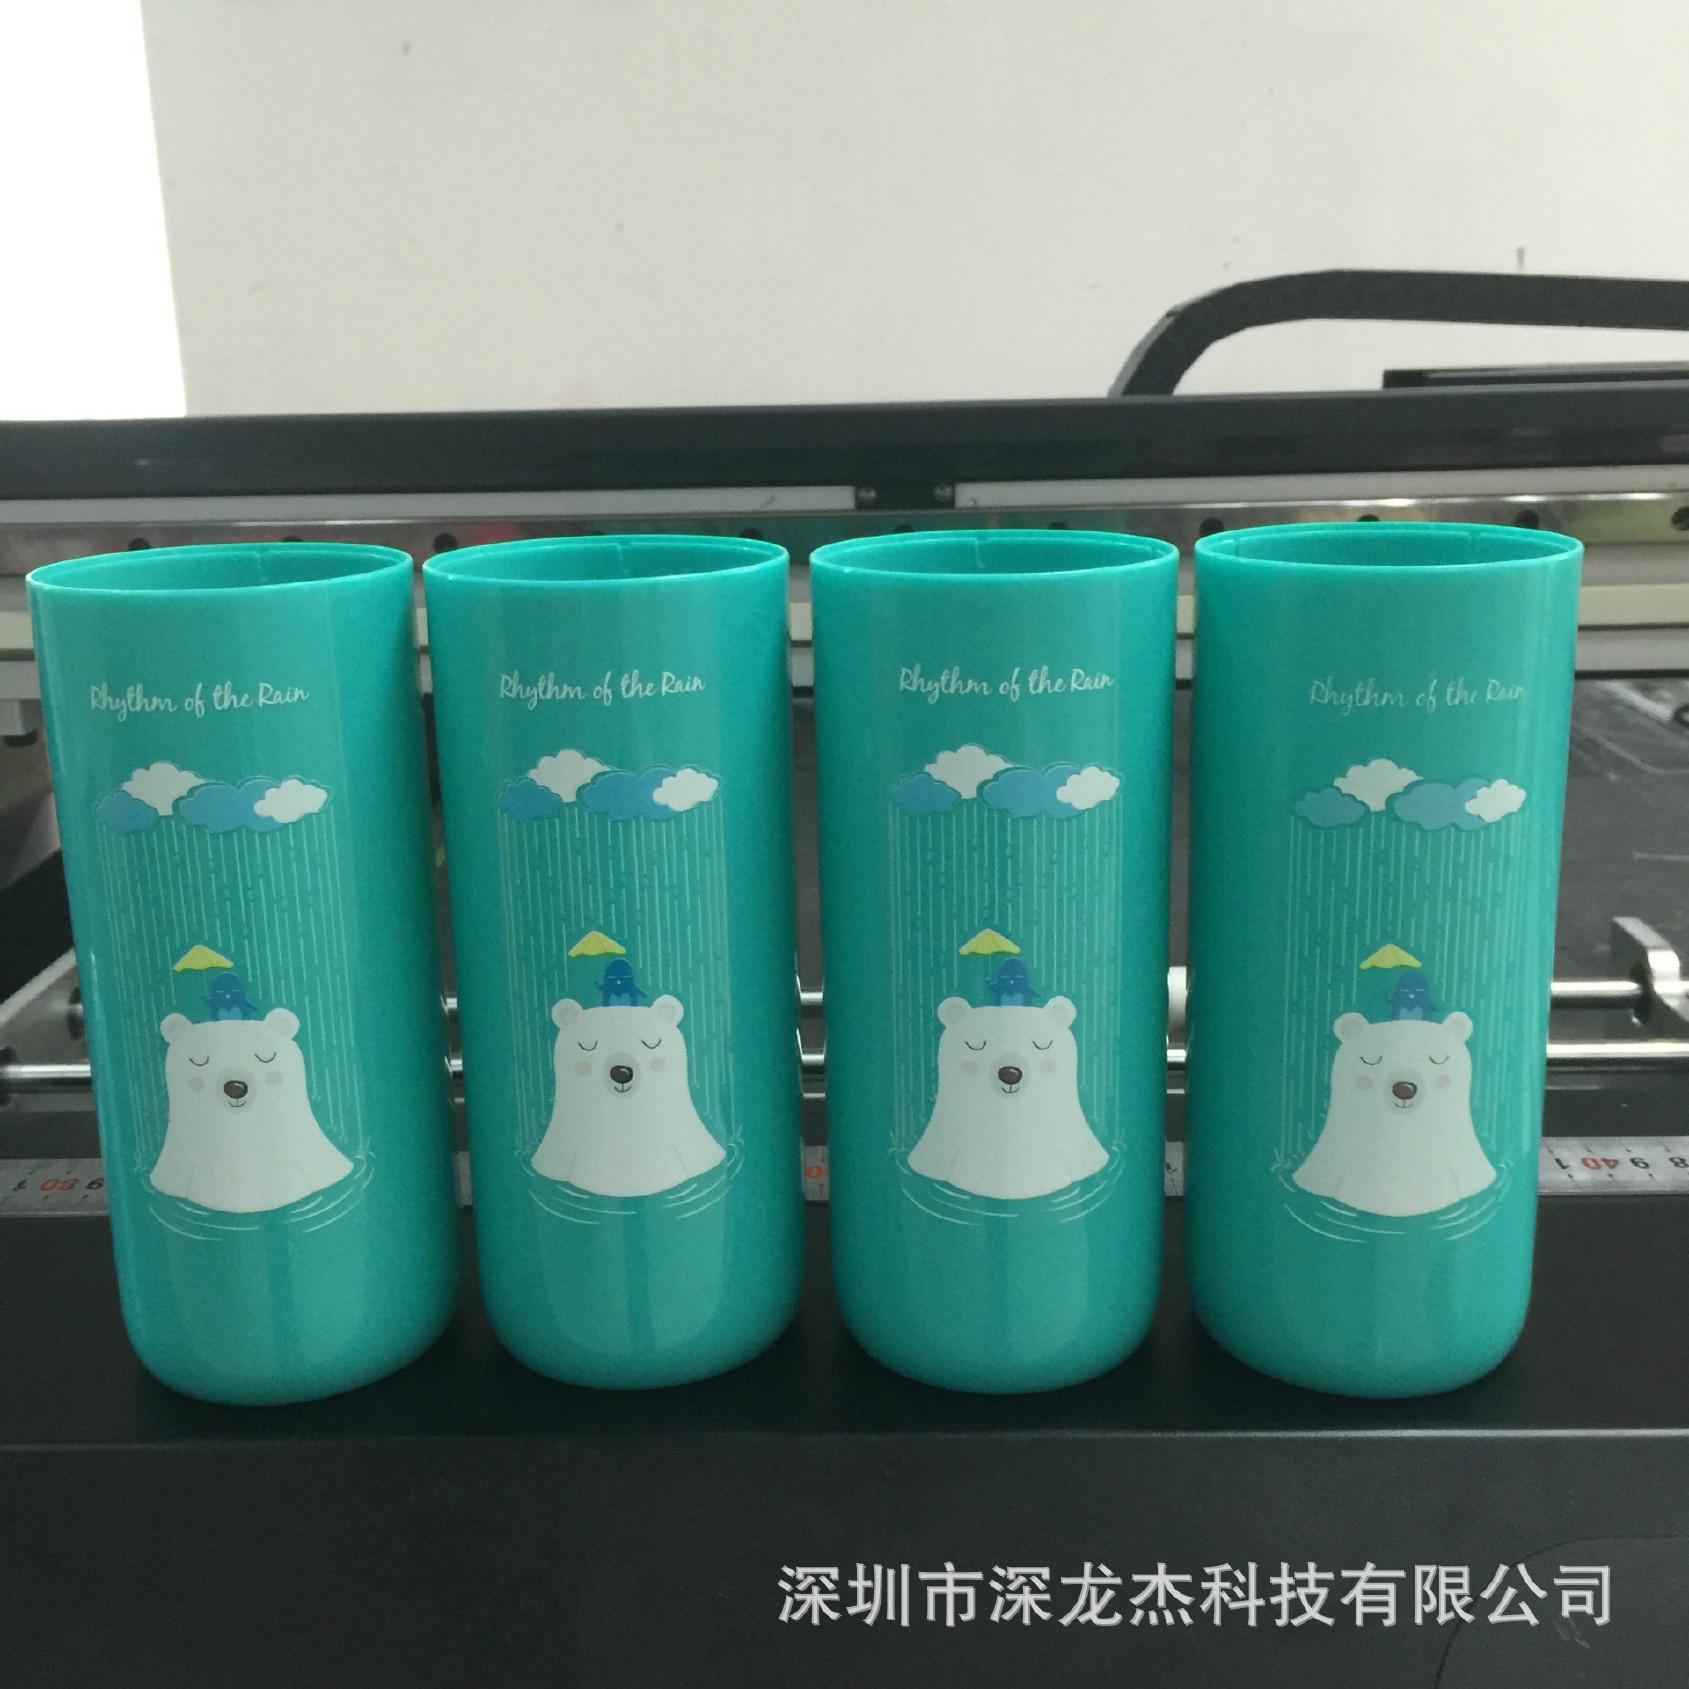 批量保温杯3D浮雕UV打印机个性化礼品定制设诚鑫源扶芳藤图片